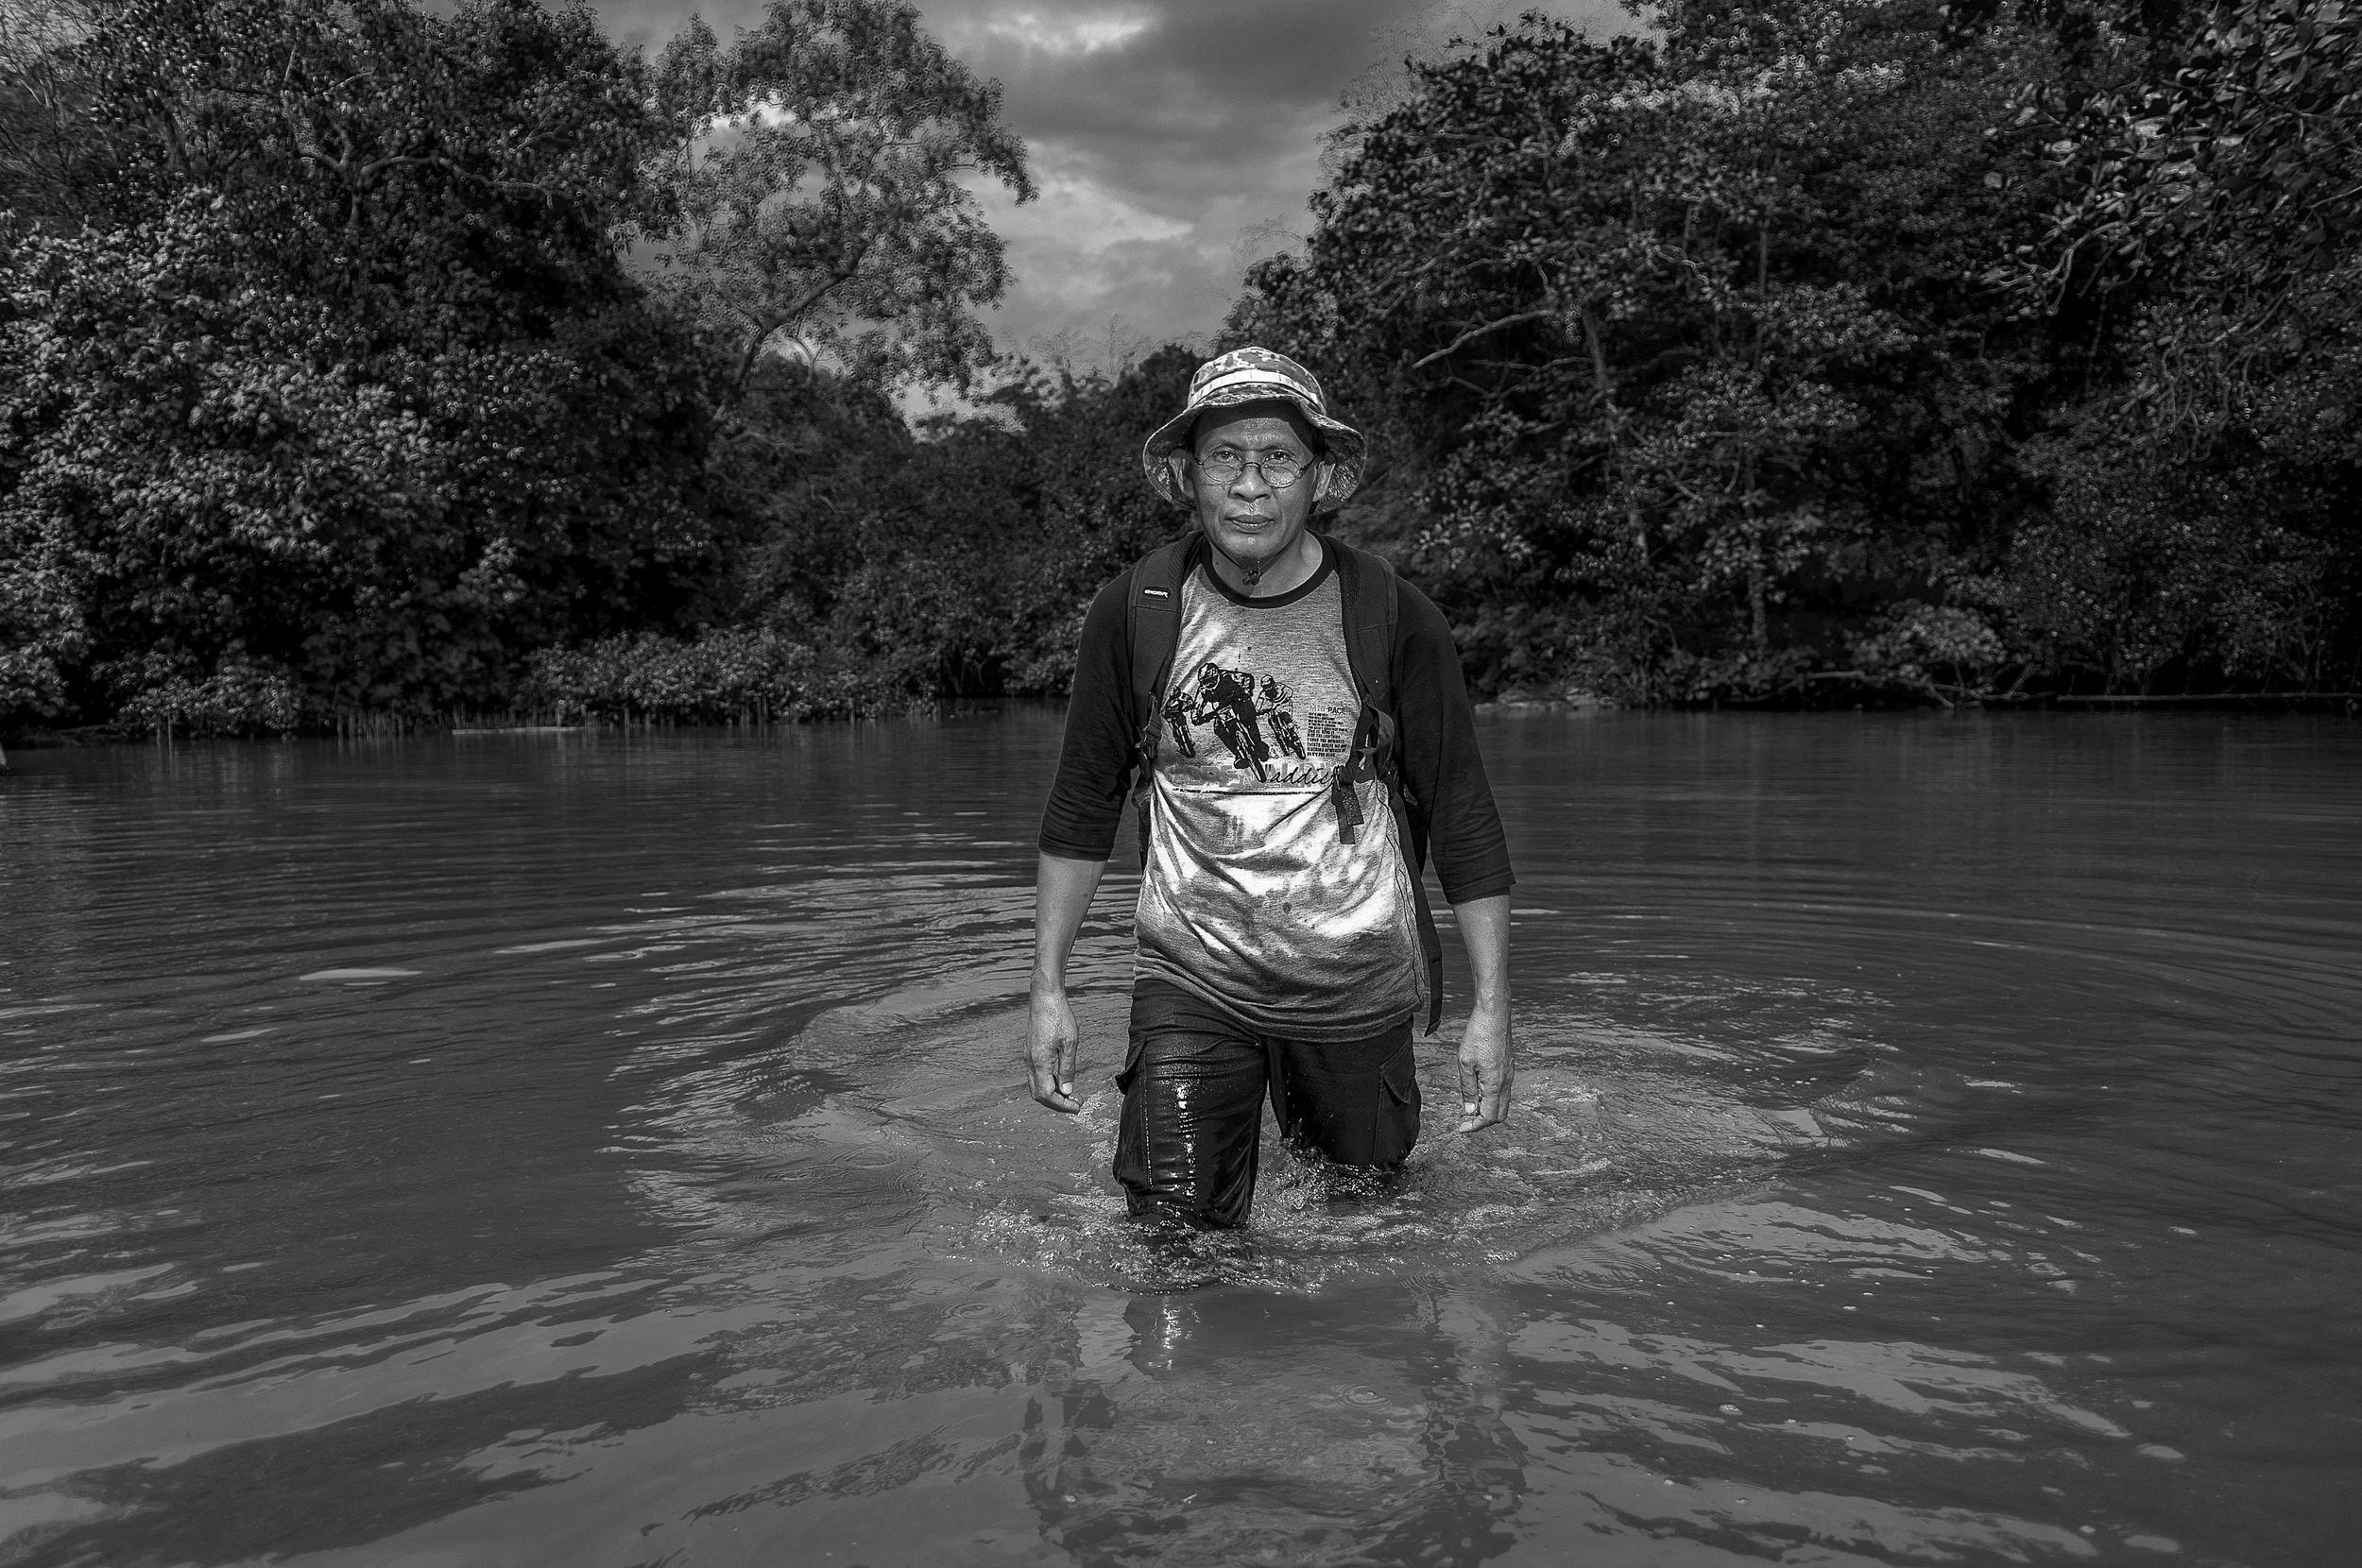 T. Bachtiar (lahir 1958). Penulis buku Bandung Purba: Catatan Perjalanan, dan aktif menulis kebumian serta intepreter geotrek. Tergabung di Anggota Masyarakat Geografi Indonesia dan Kelompok Riset Cekungan Bandung.